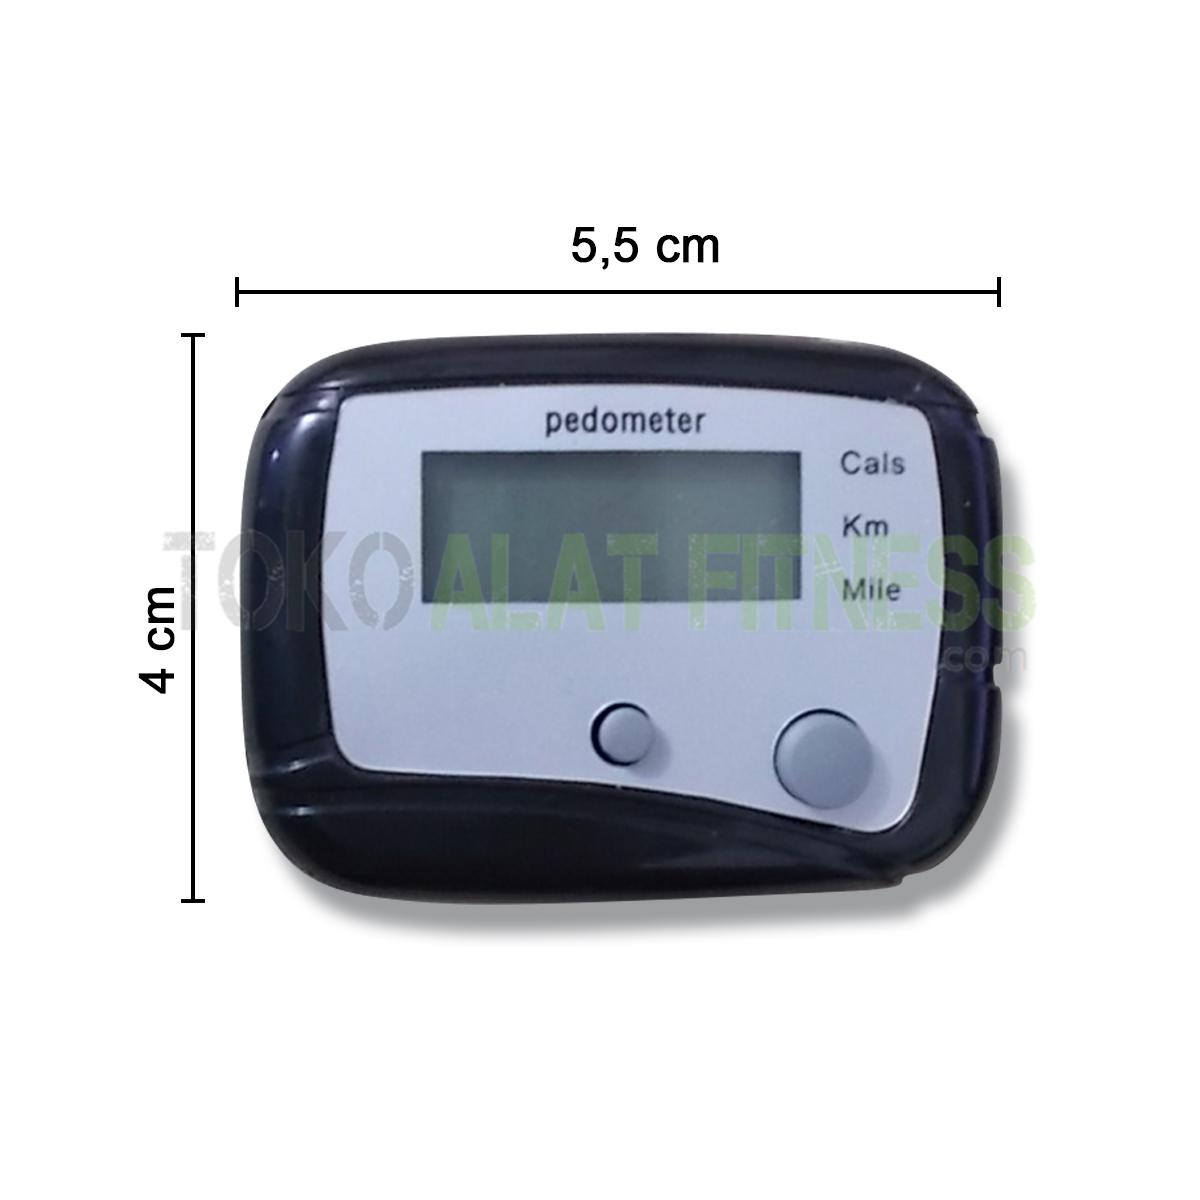 spek wtm - Mini Pedometer With Two Keys, Black Body Gym